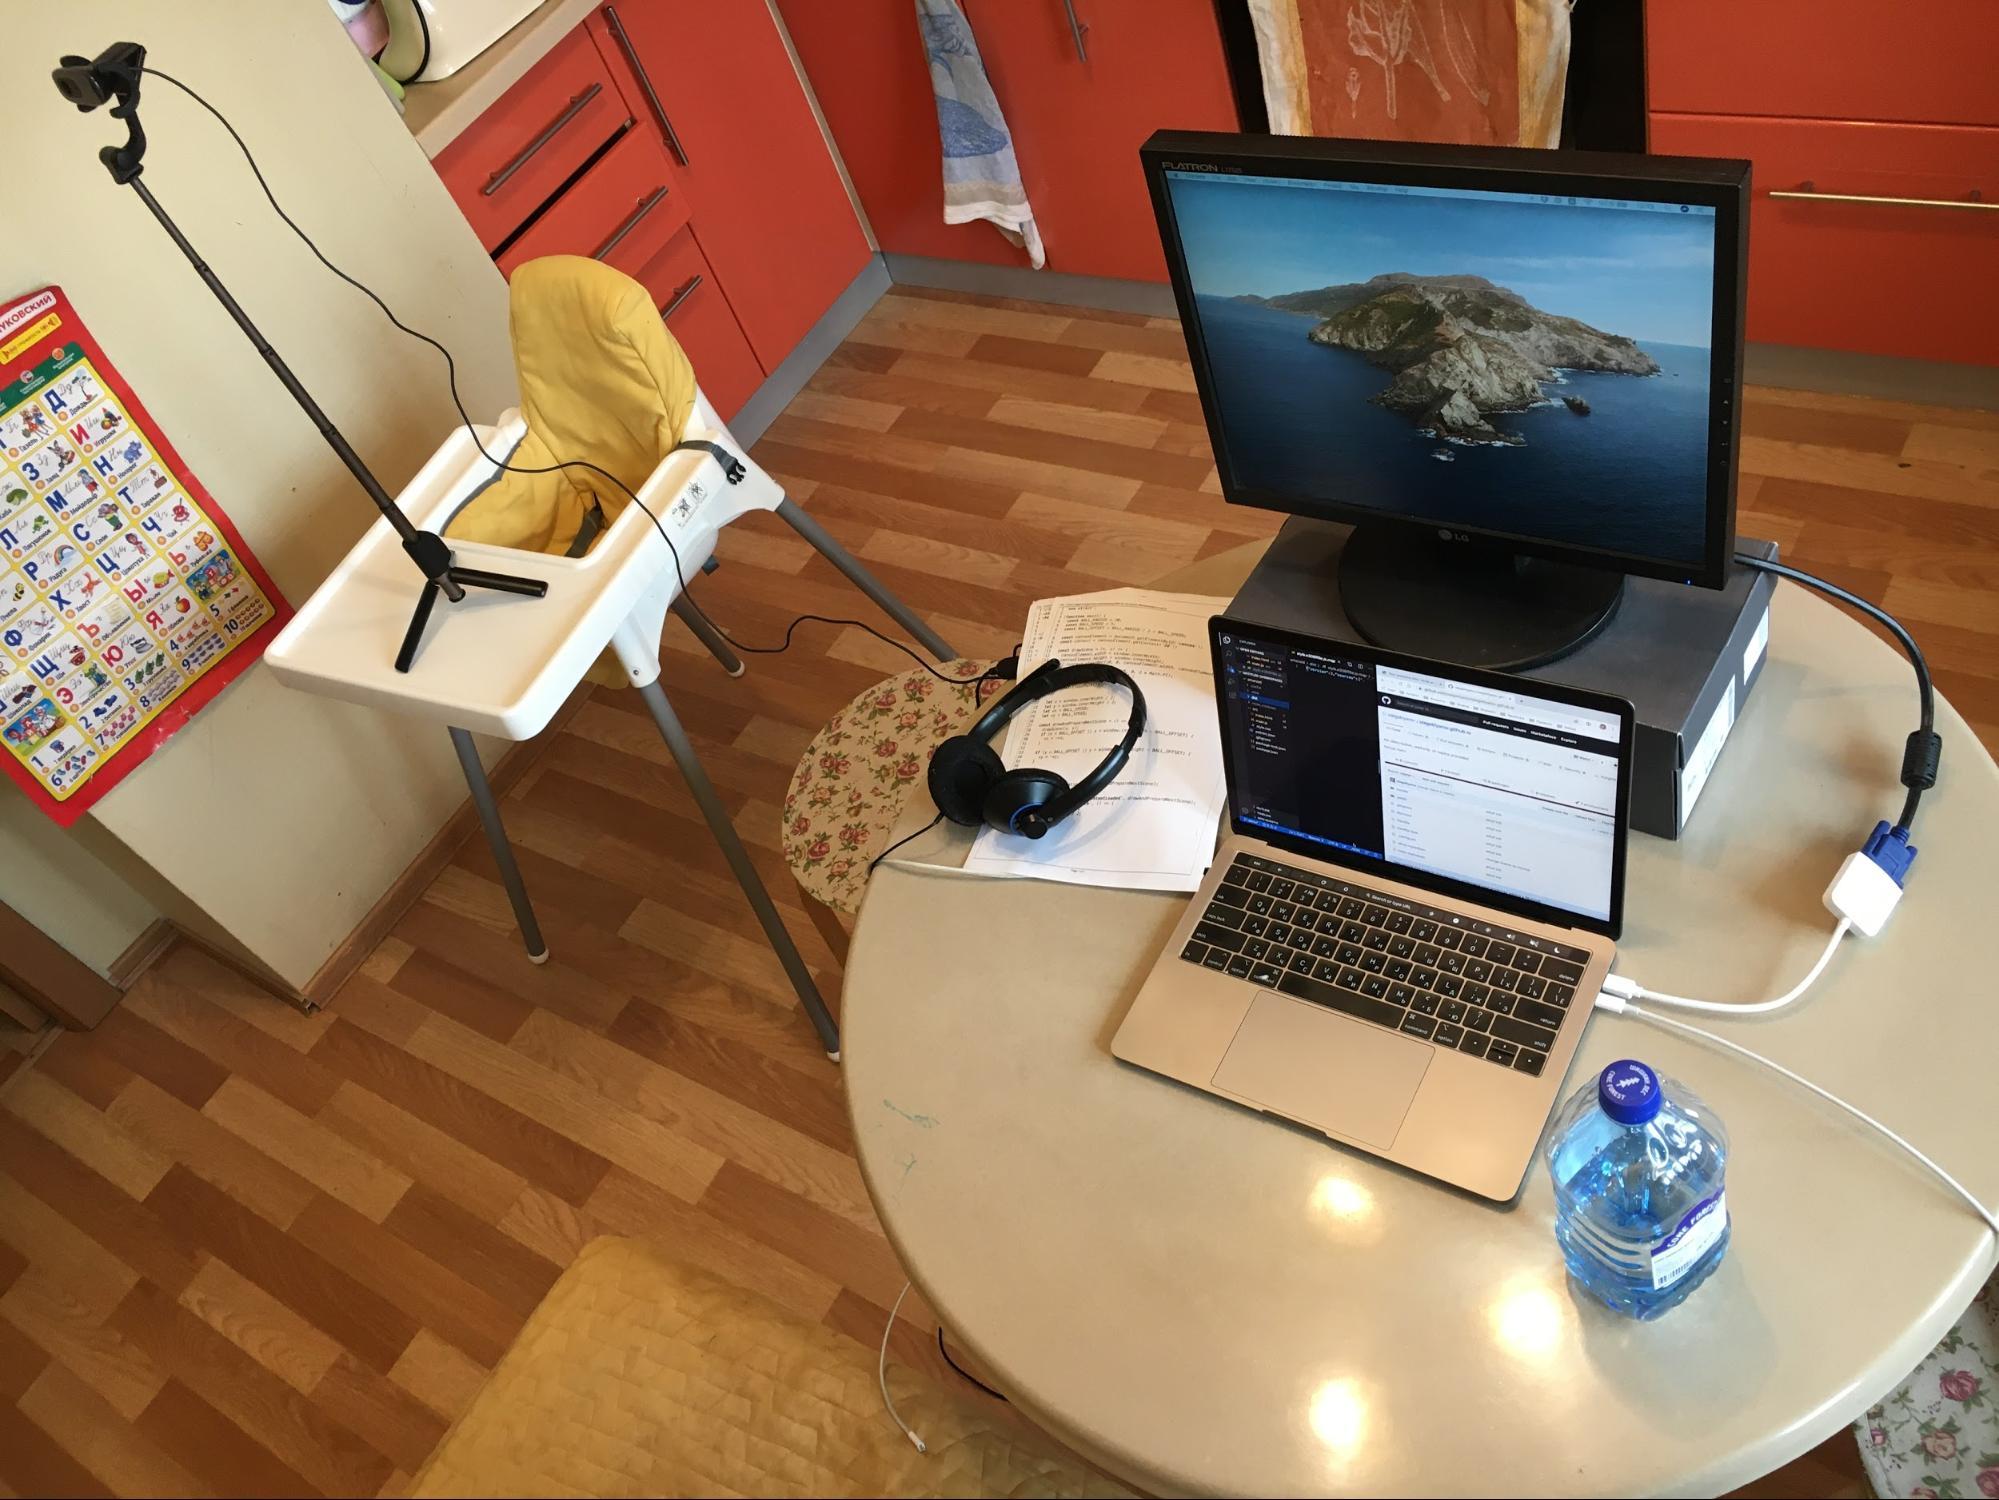 Дело было в период локдауна. Каждое воскресенье в 8:30 утра кухня превращалась в… превращалась в… в импровизированную студию для вебинаров с лайвкодингом.